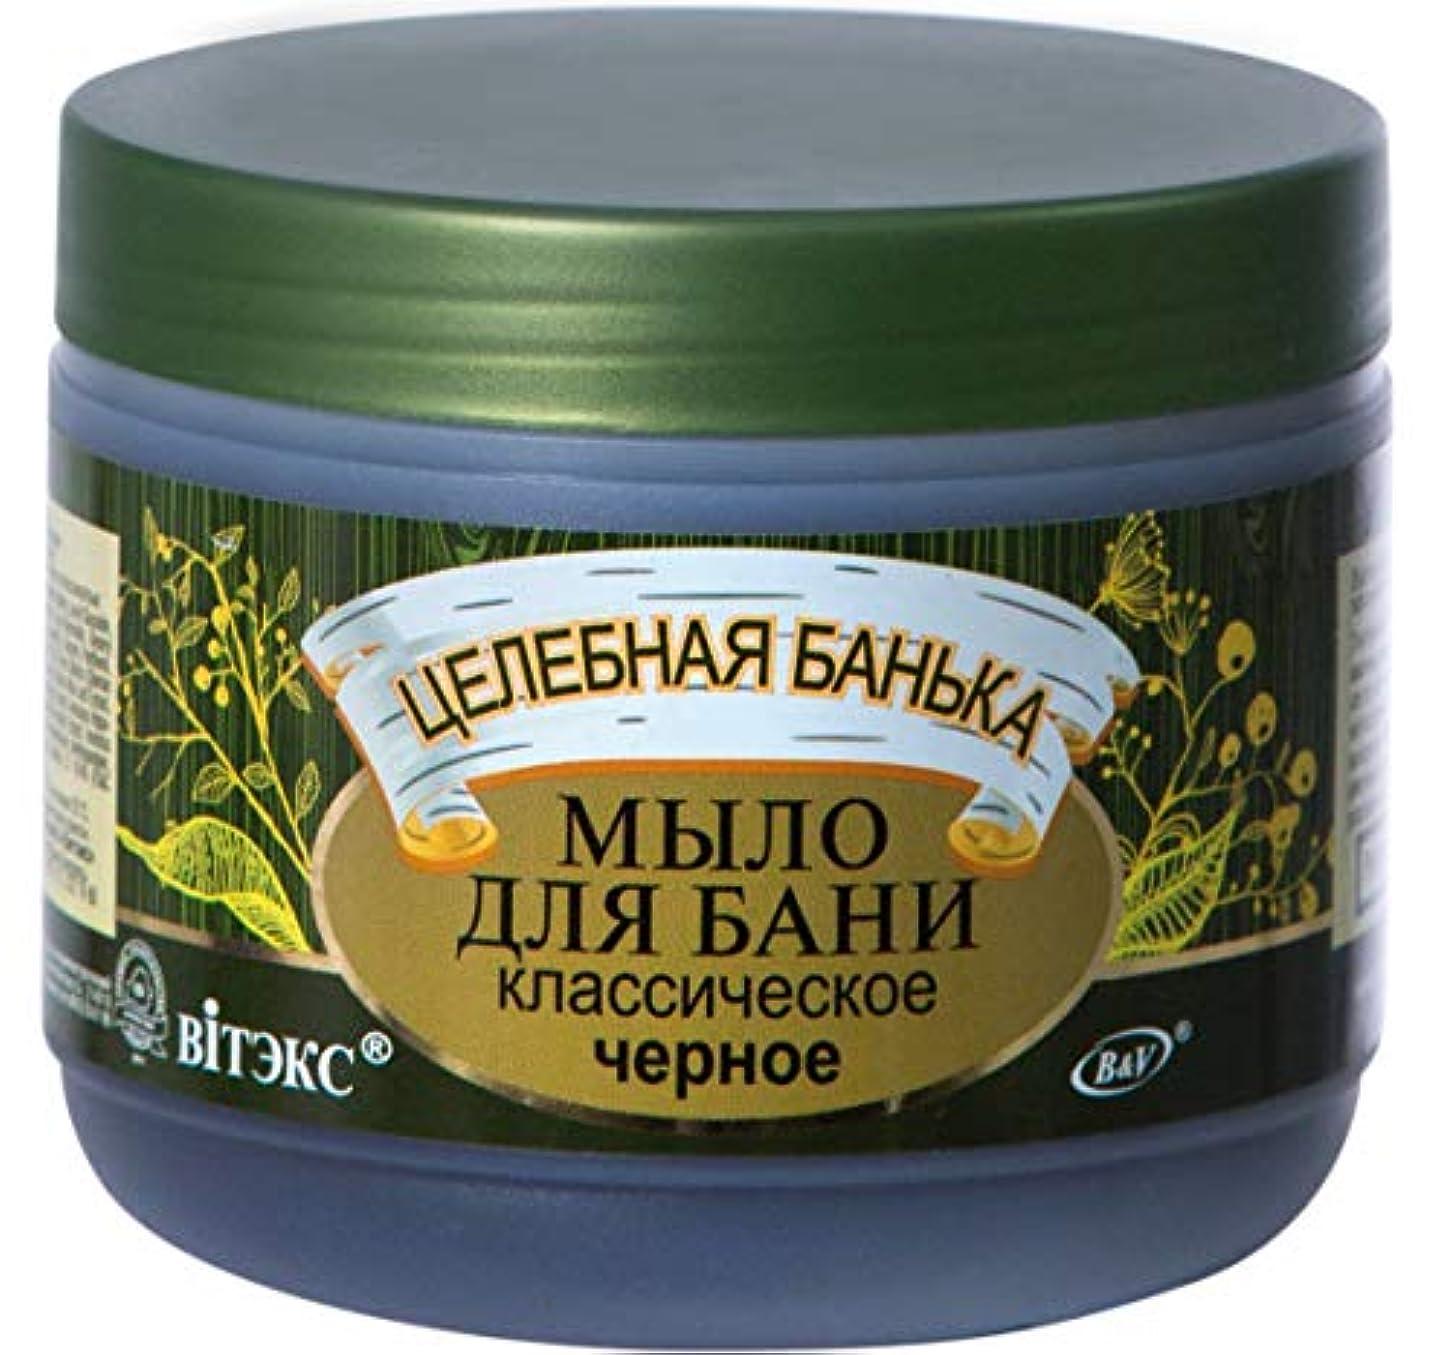 お嬢床地上のBIELITA & VITEX | Healing Bath | Classic Black Soap with 7 Natural Extracts